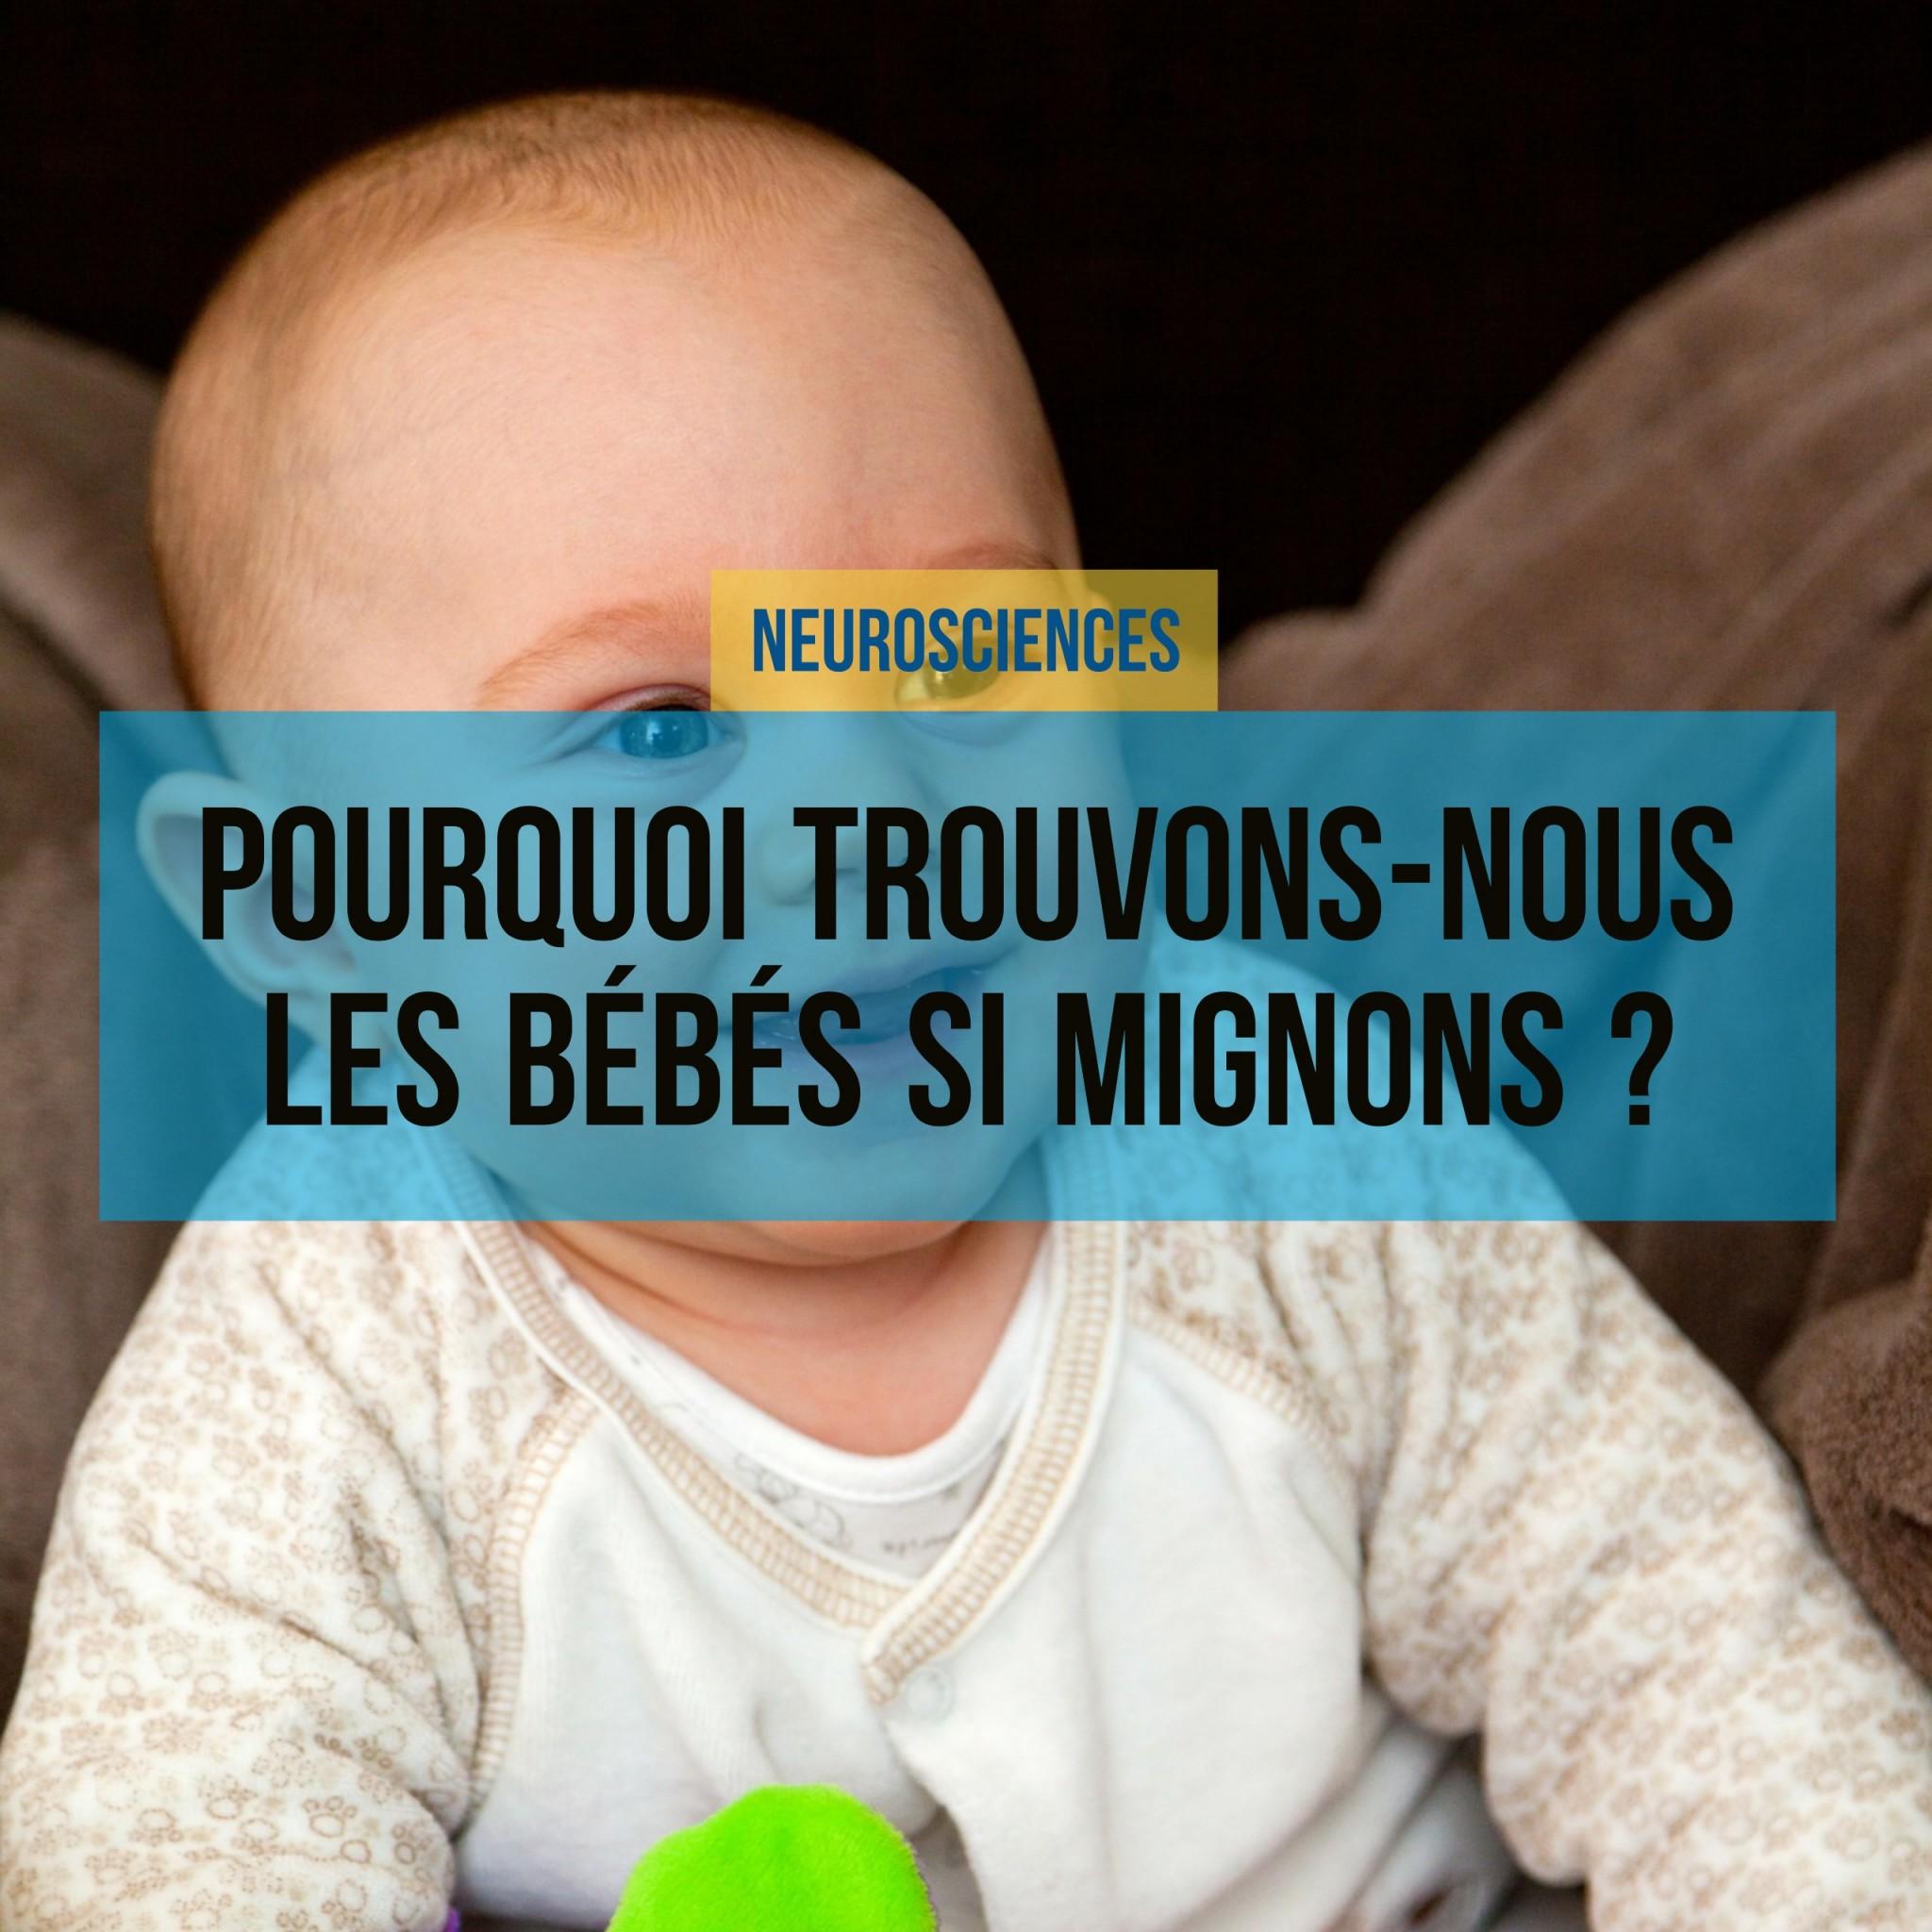 Pourquoi trouvons-nous les bébés si mignons ?